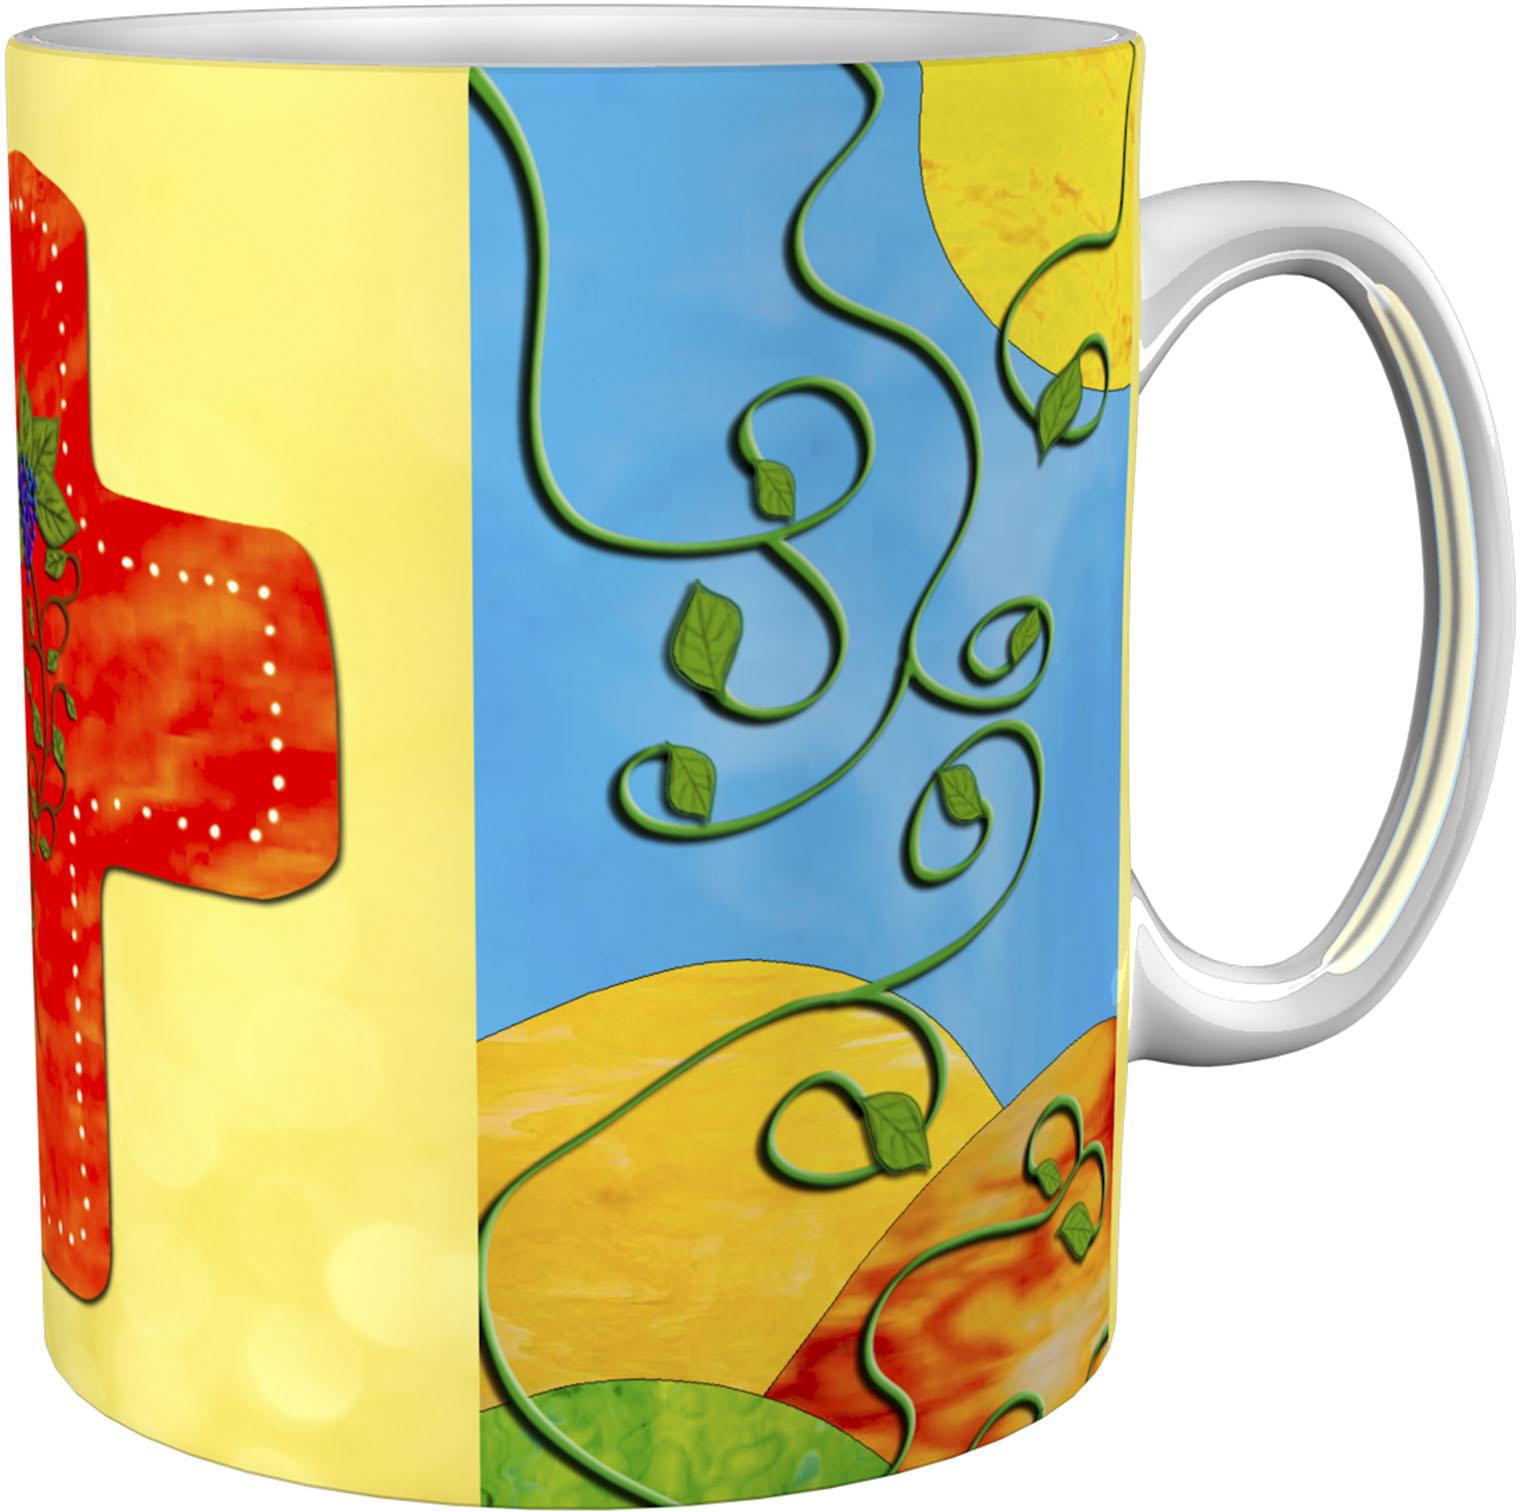 Kaffeetasse / Kaffeebecher / Kreuz / Weinstock / Firmung